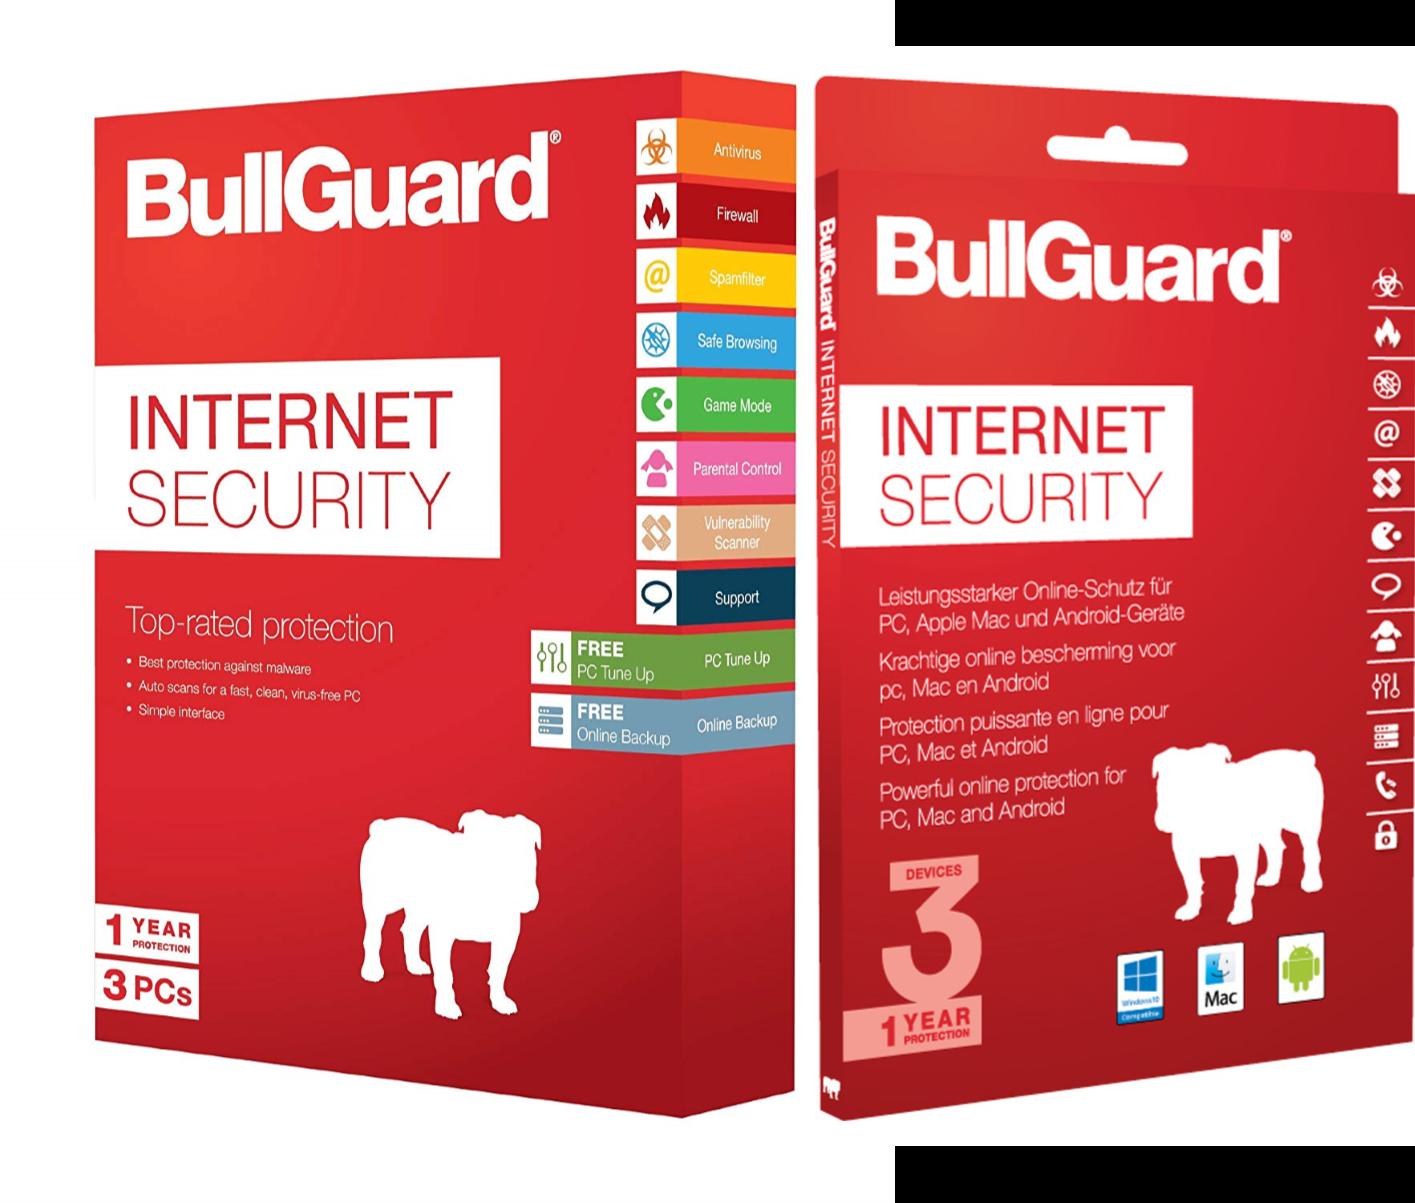 Bullguard for 3 PCs - £29.99  Bullguard for 3 PCs, Mac or Android - £44.99